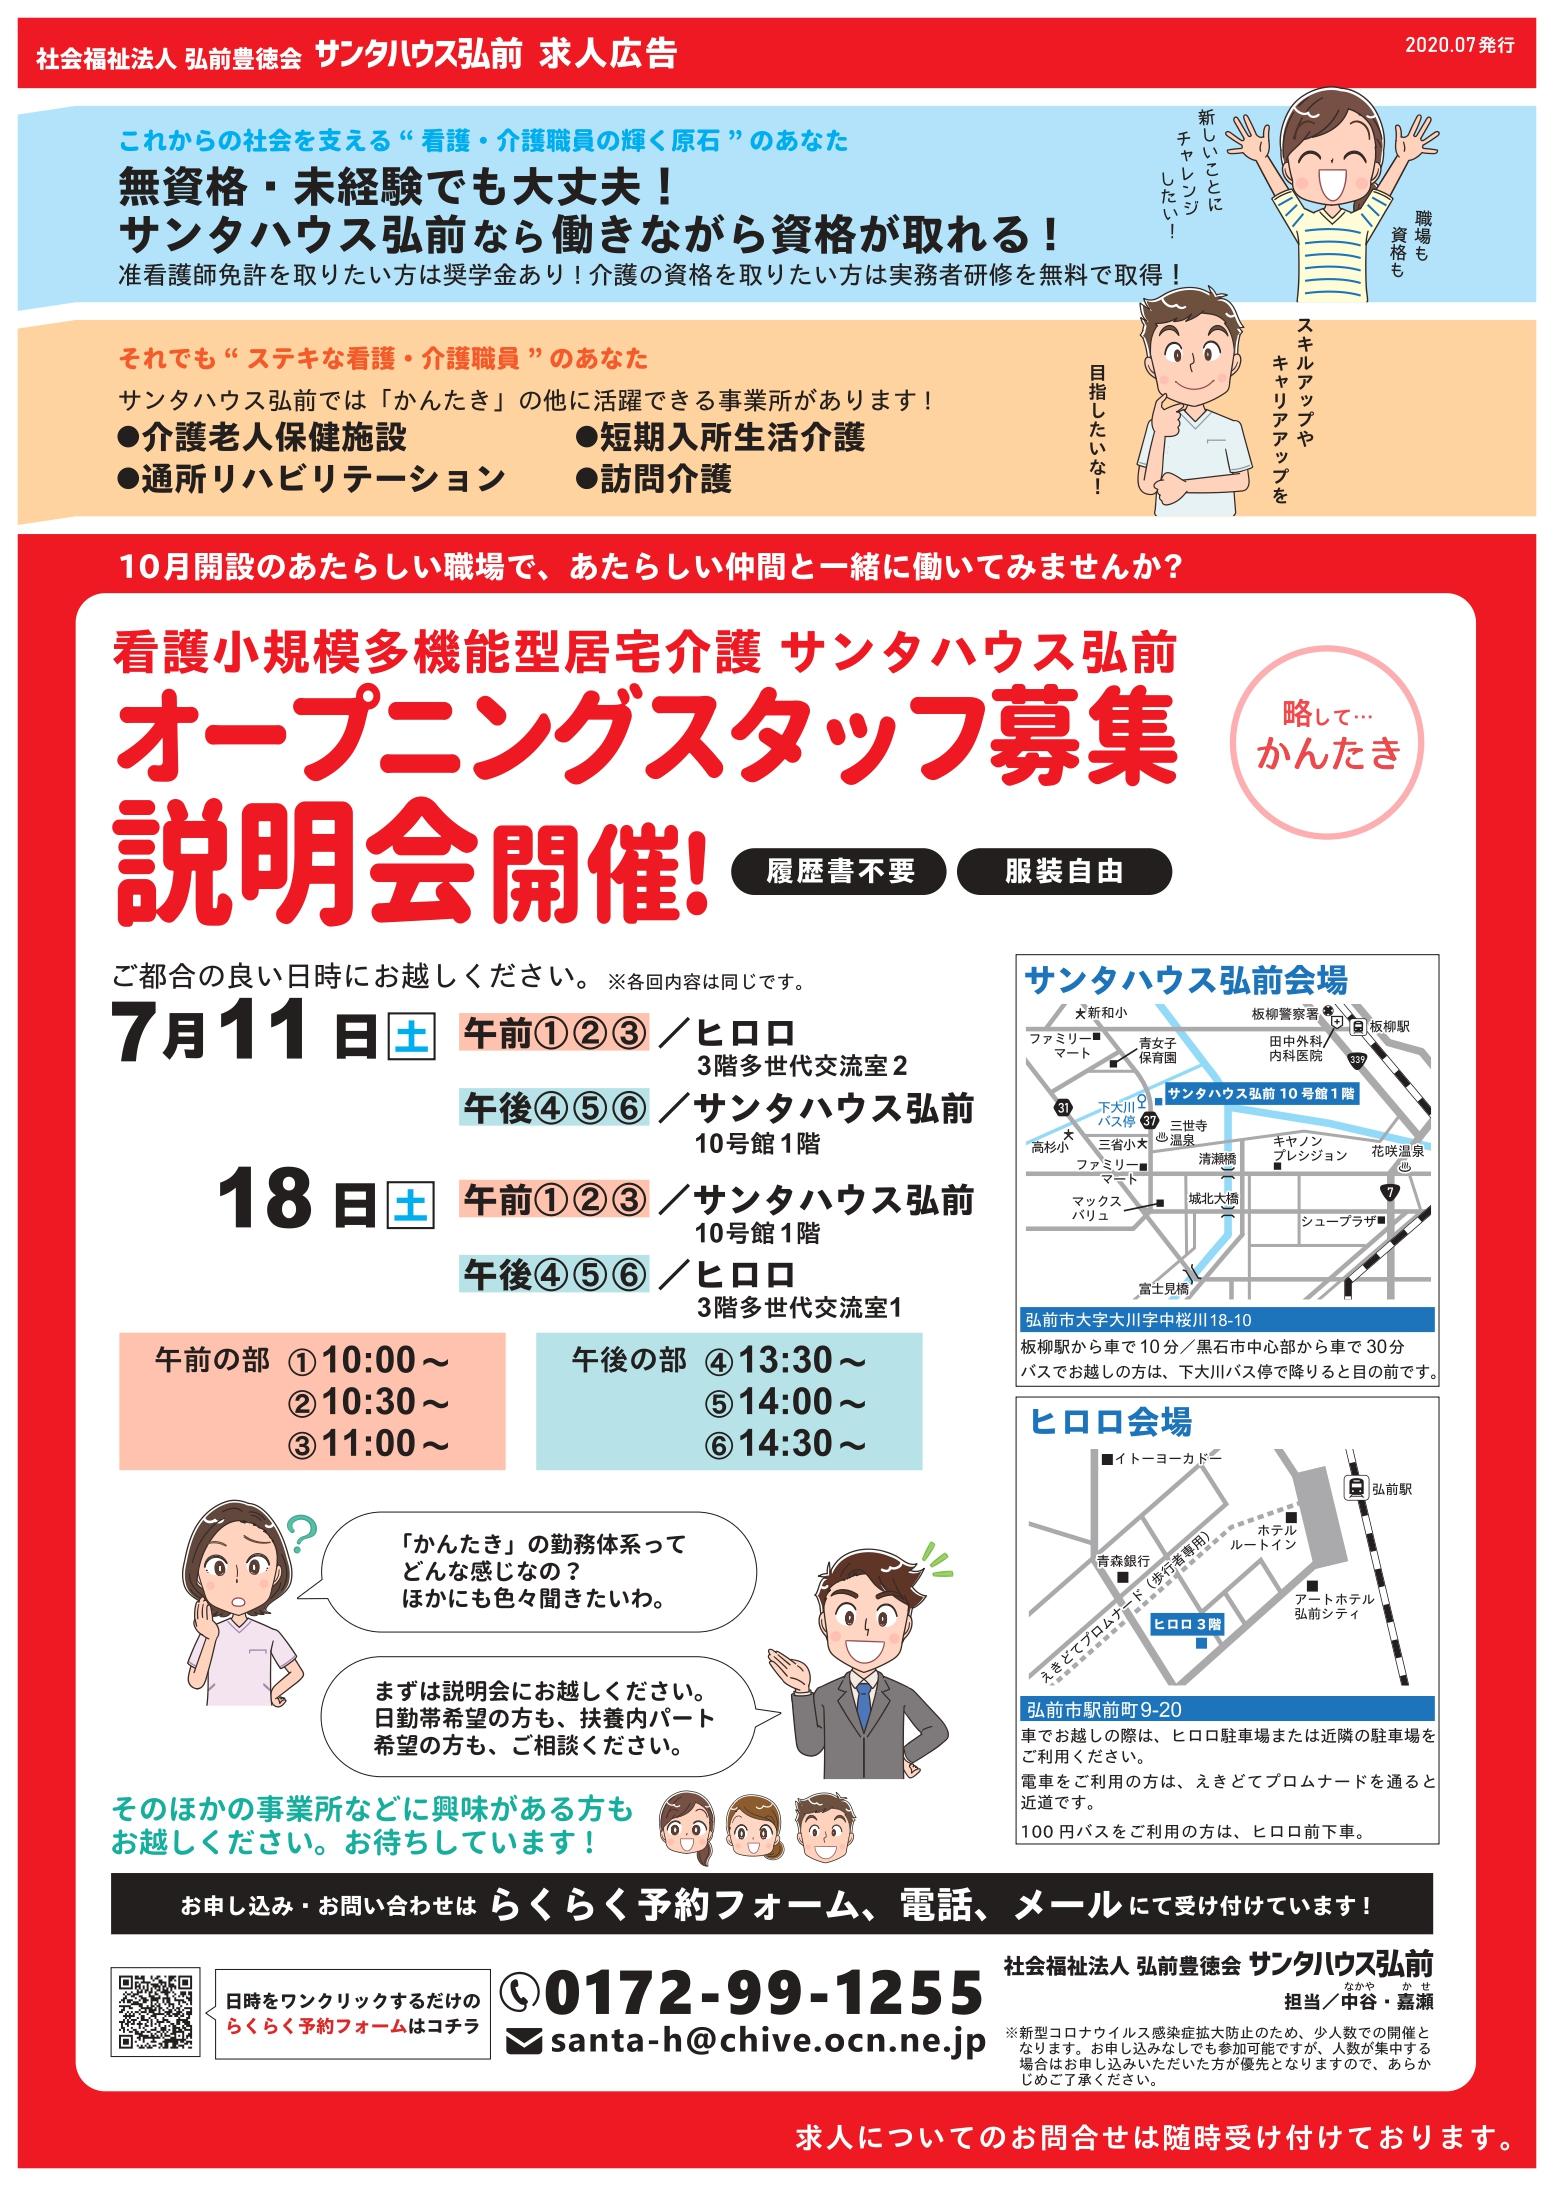 サンタハウス弘前オープニングスタッフ募集説明会_page-0002.jpg